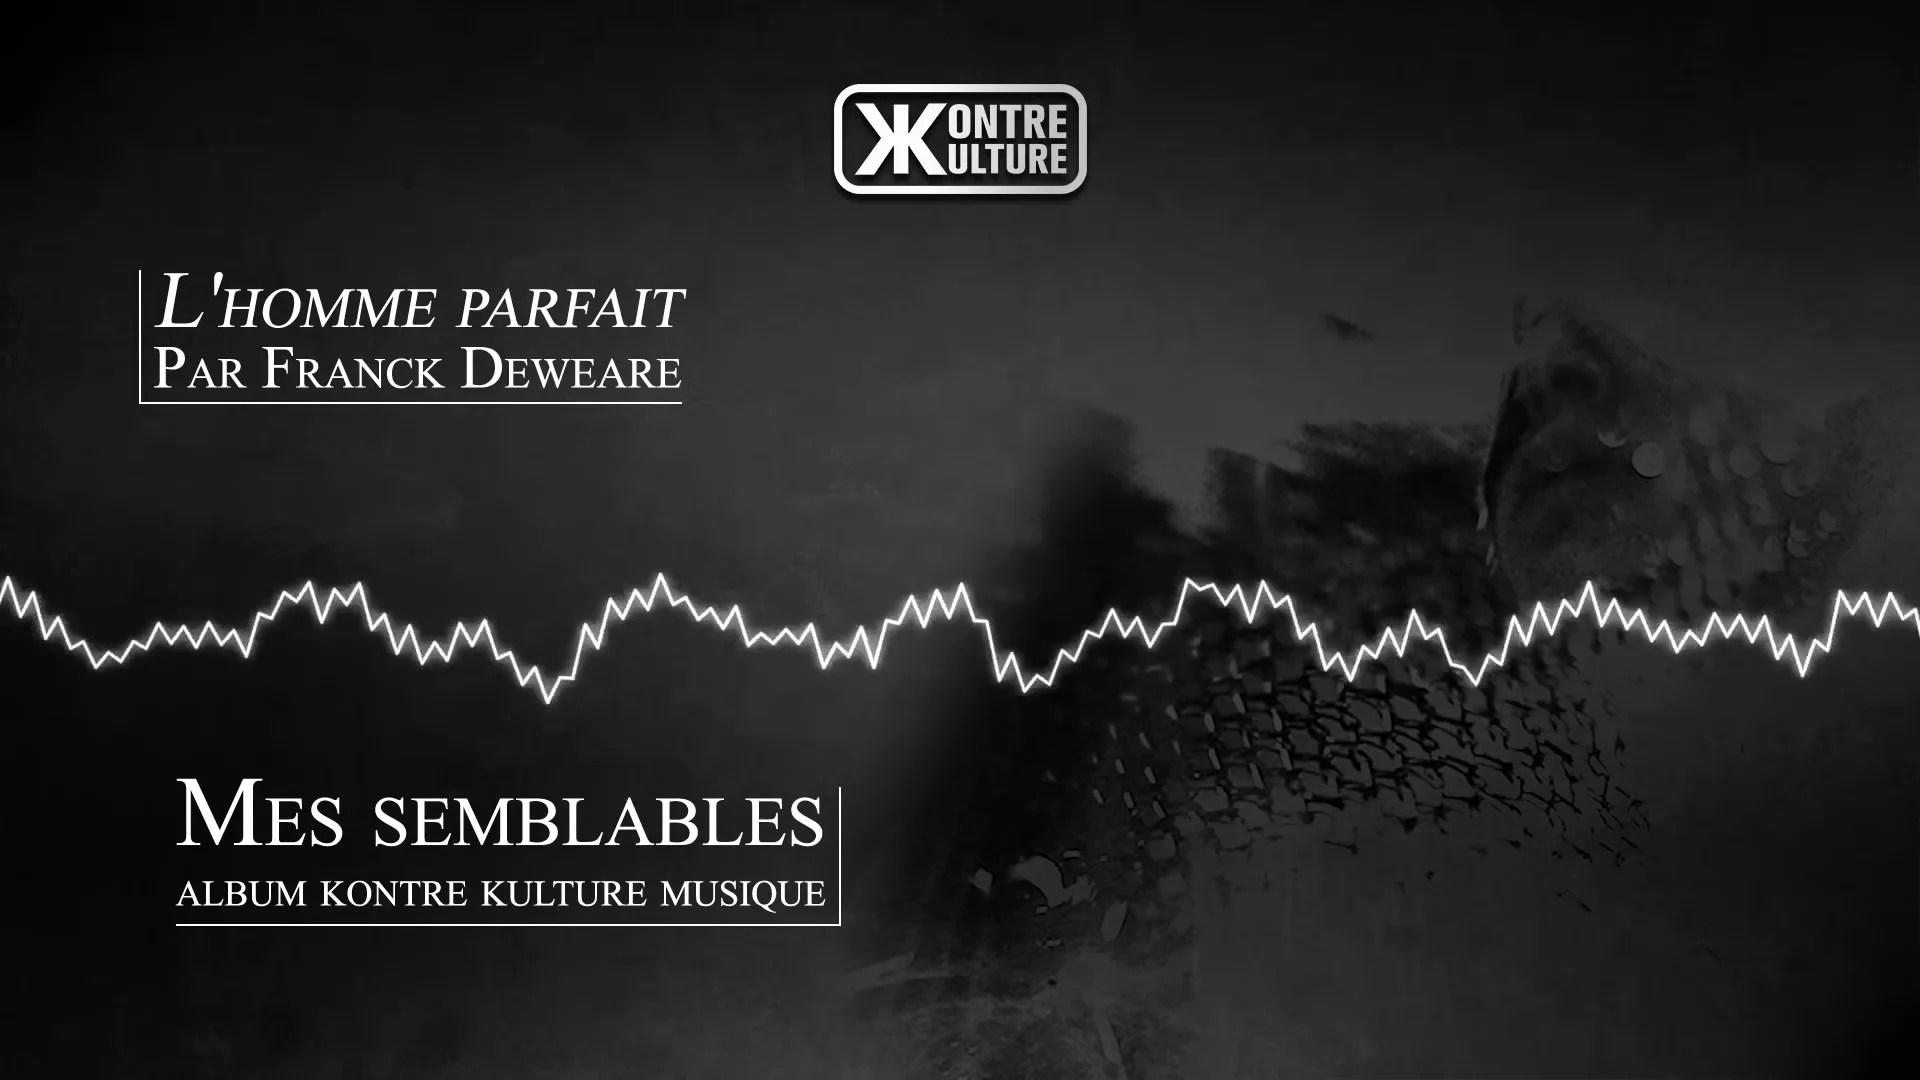 Kontre Kulture Musique présente L'homme parfait de Franck Deweare